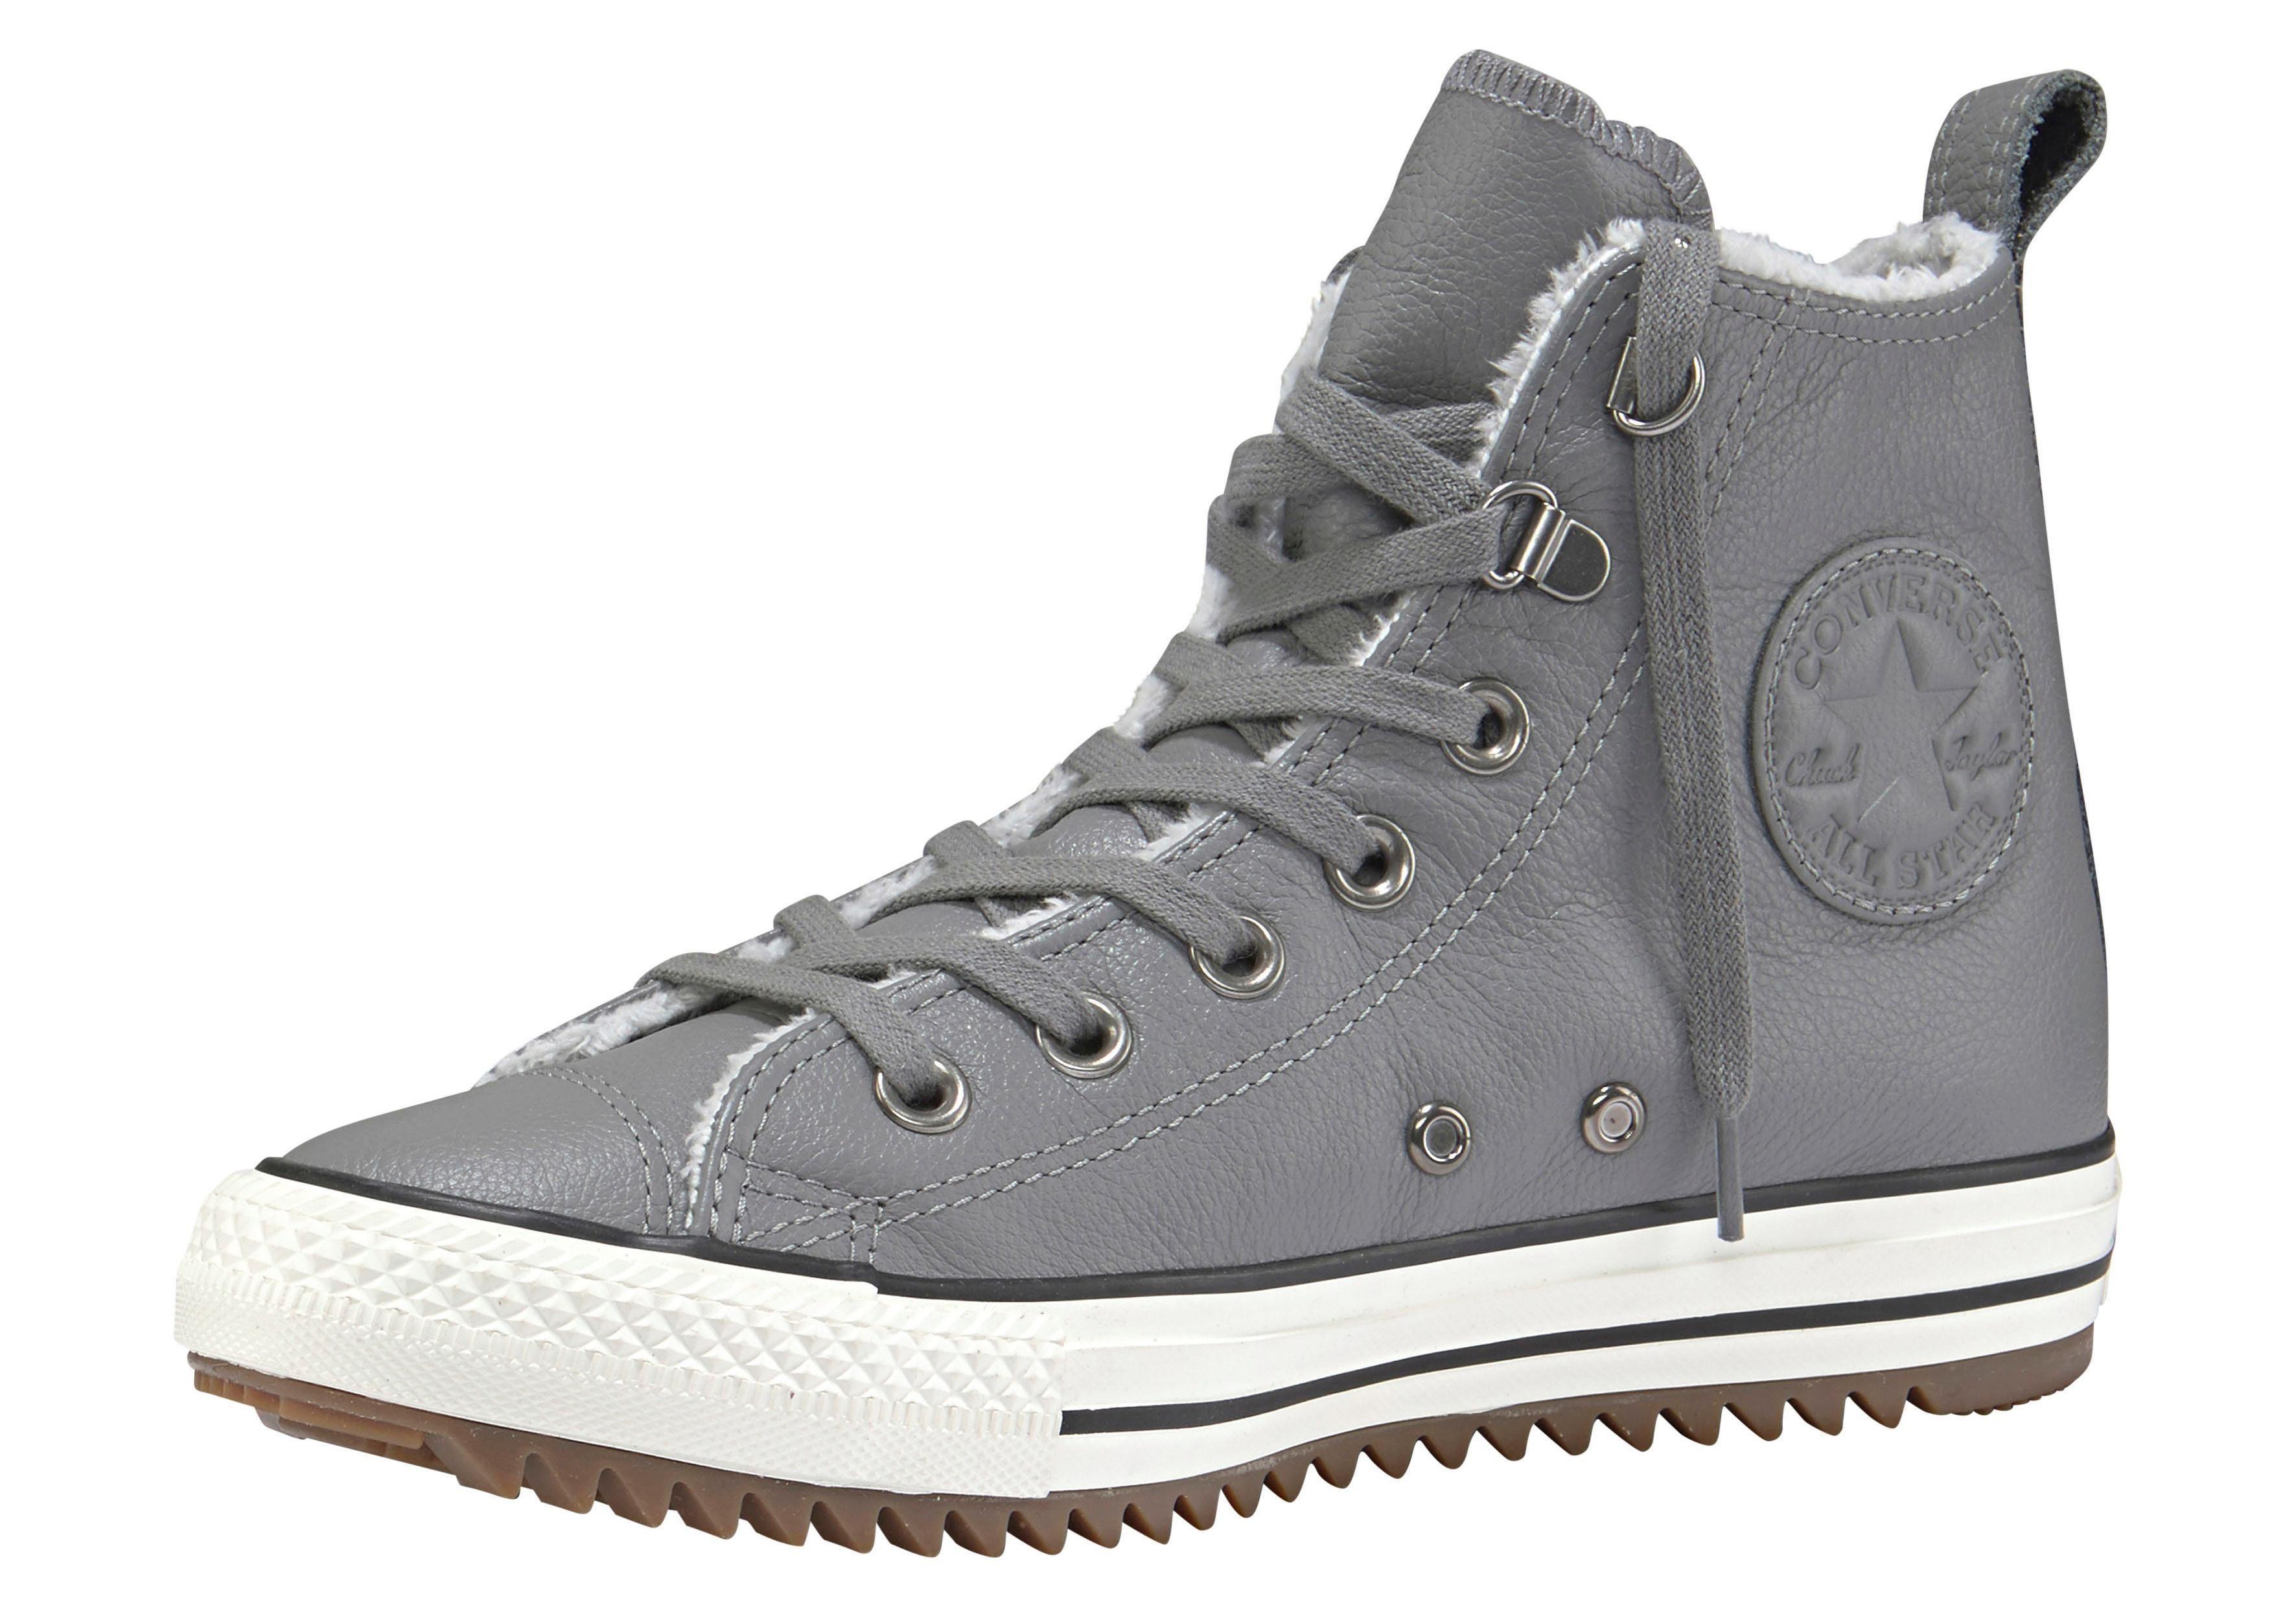 Converse »Chuck Taylor All Star Hiker Boot Hi« Sneaker Warmfutter online kaufen | OTTO